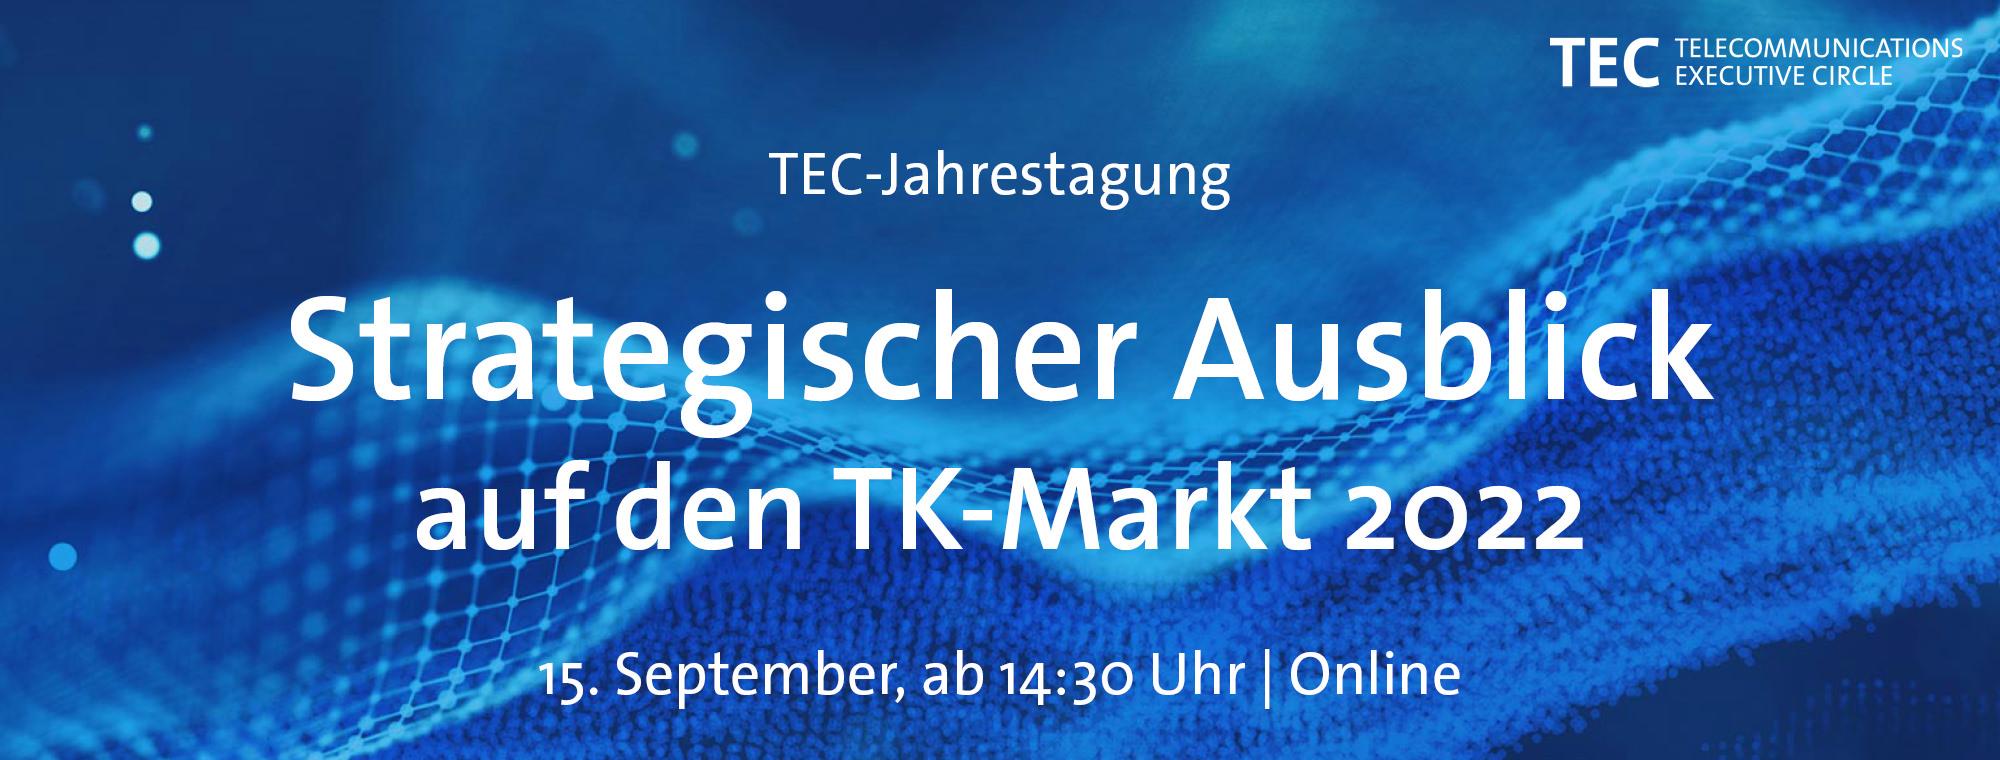 TEC-Jahrestagung – Strategischer Ausblick auf den TK-Markt 2022